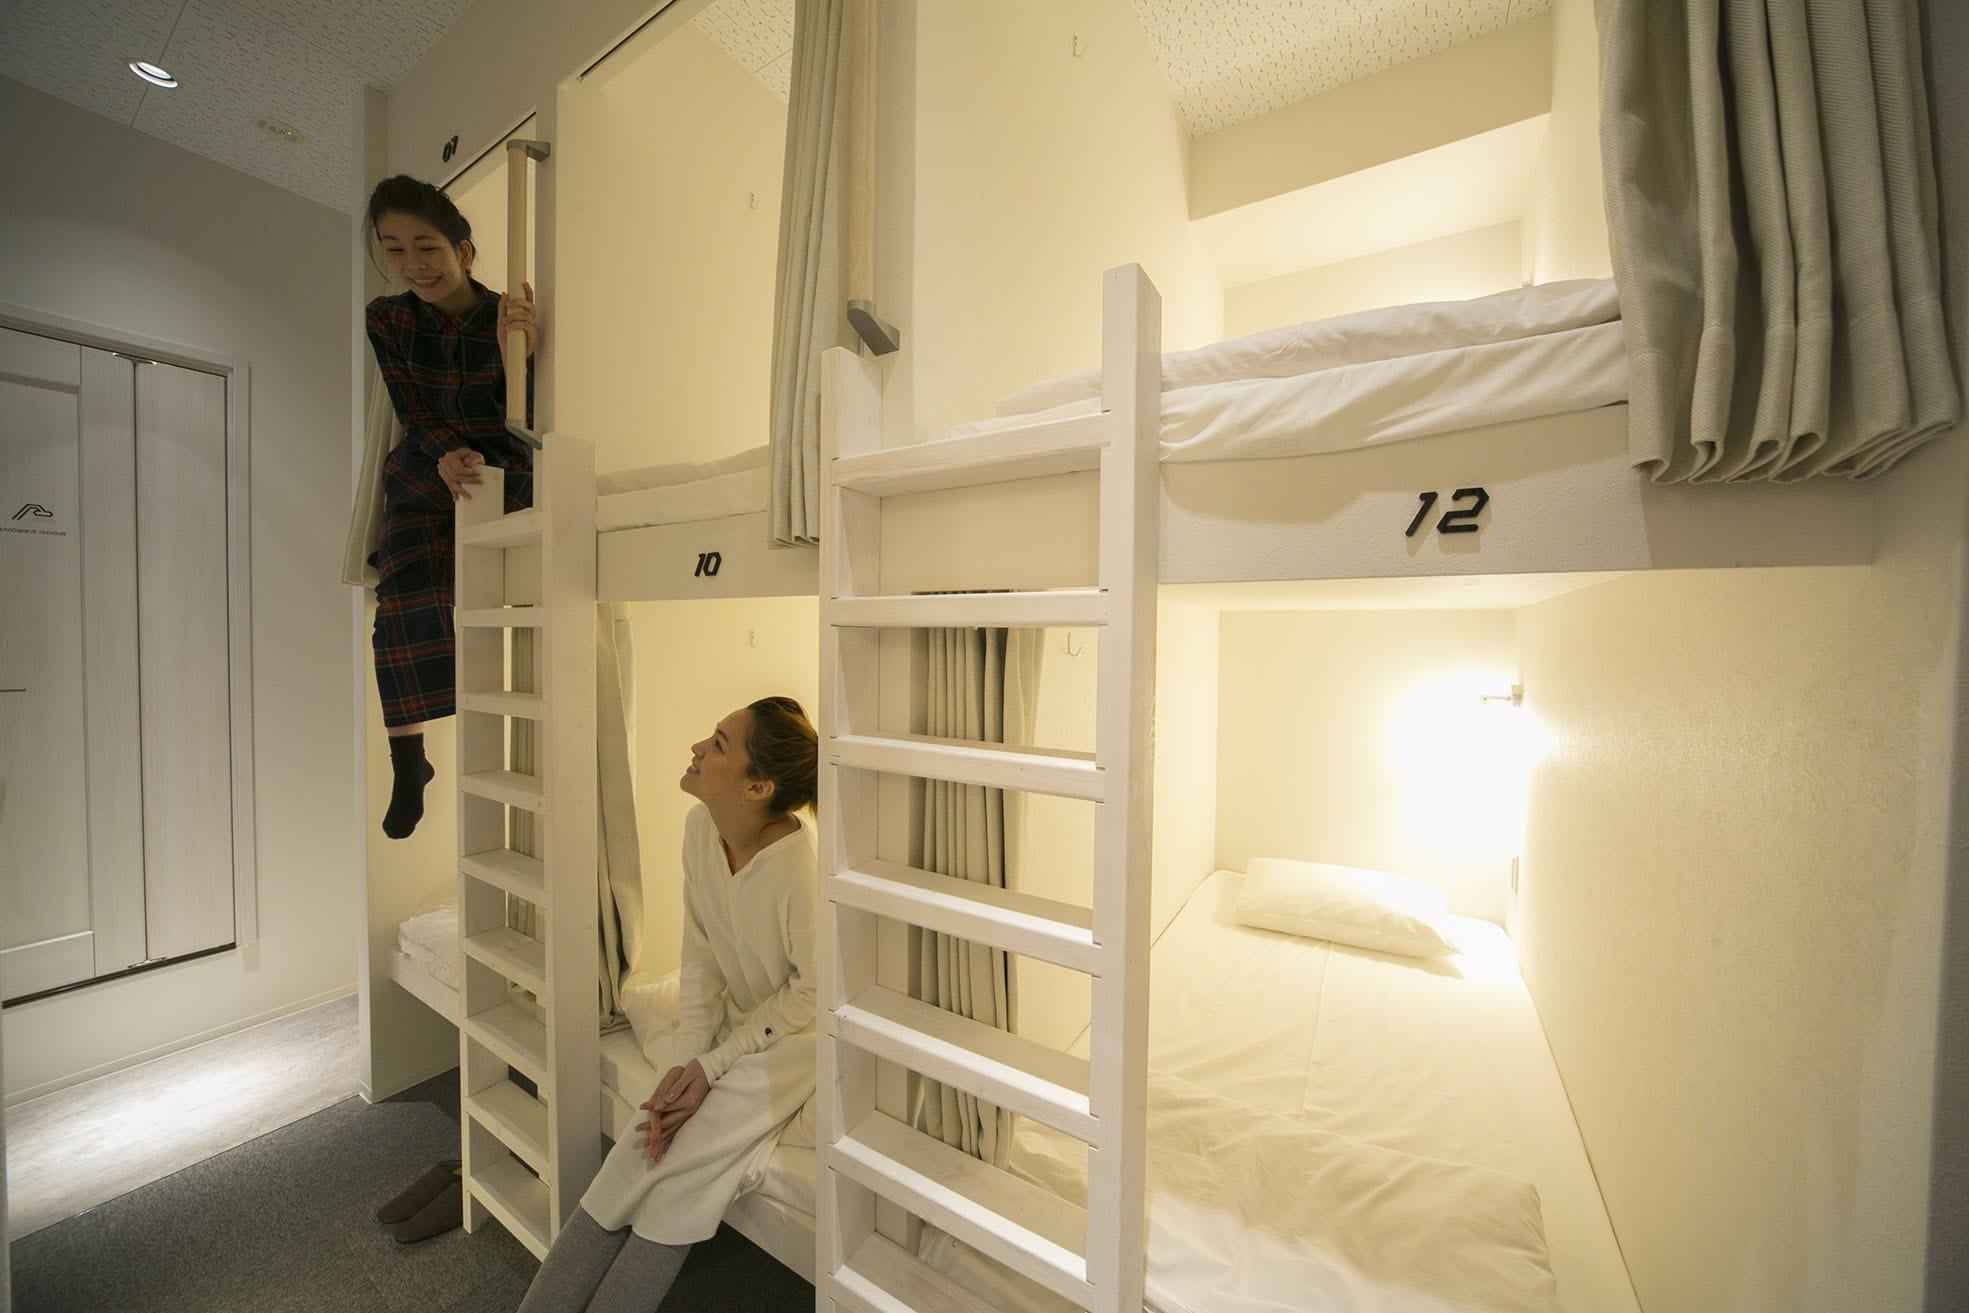 |東京|ホステル|ホステル×ミュージアム 夜直スタッフ募集!